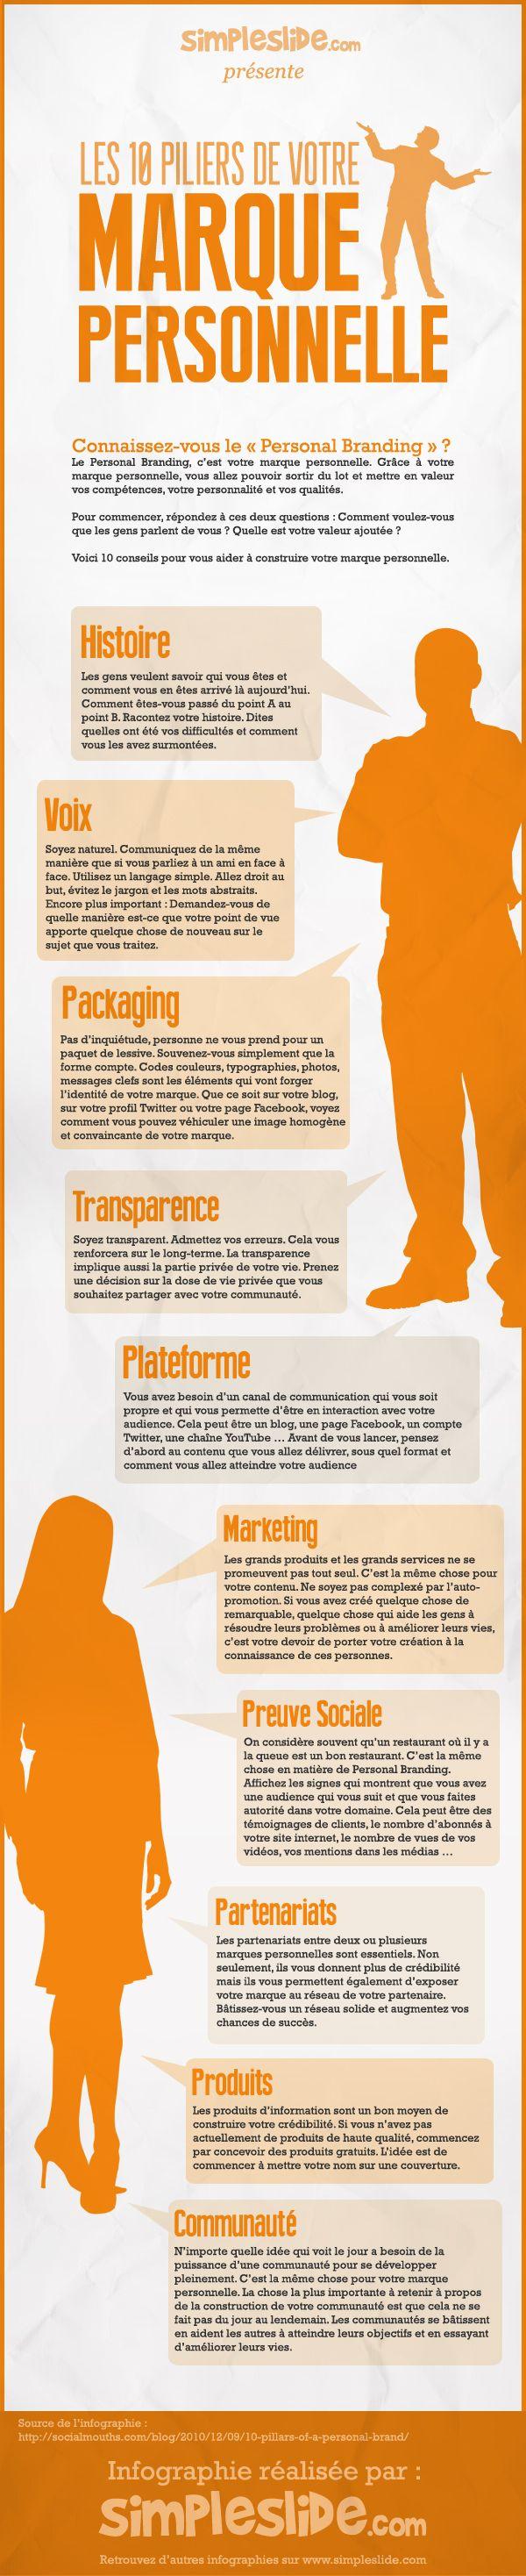 Les 10 piliers de votre marque personnelle